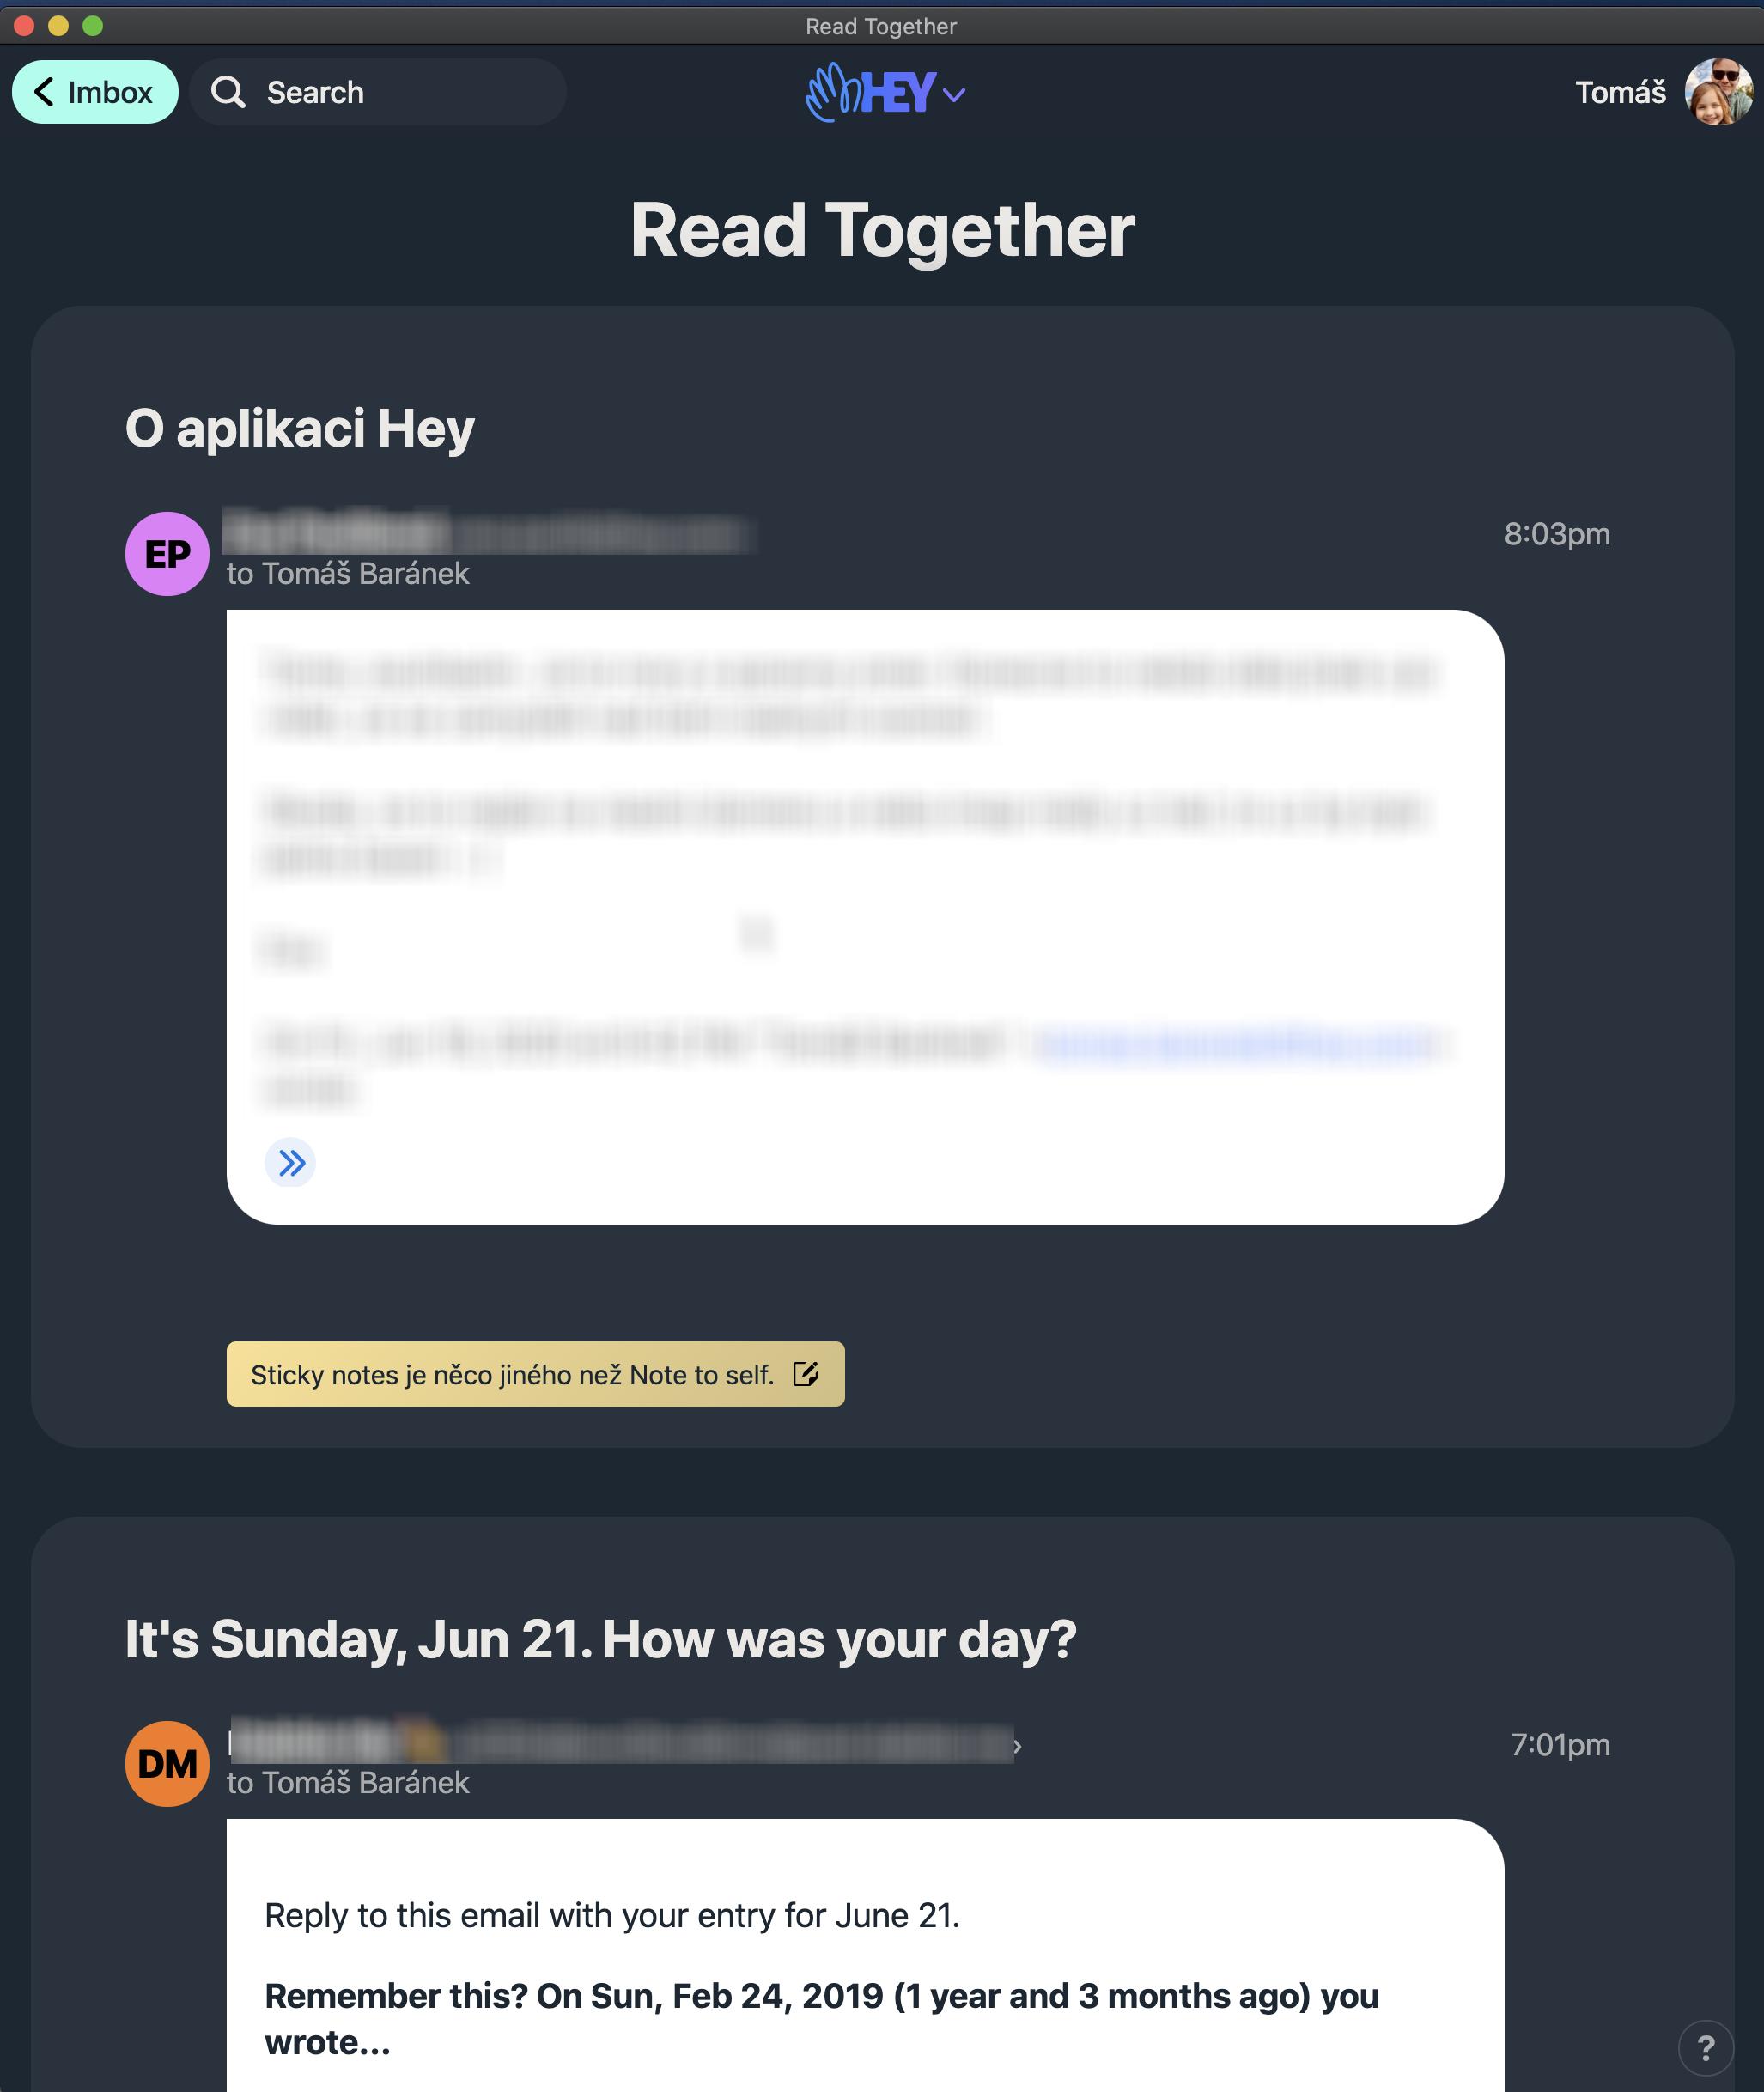 Hromadné čtení zpráv pomocí Read Together.